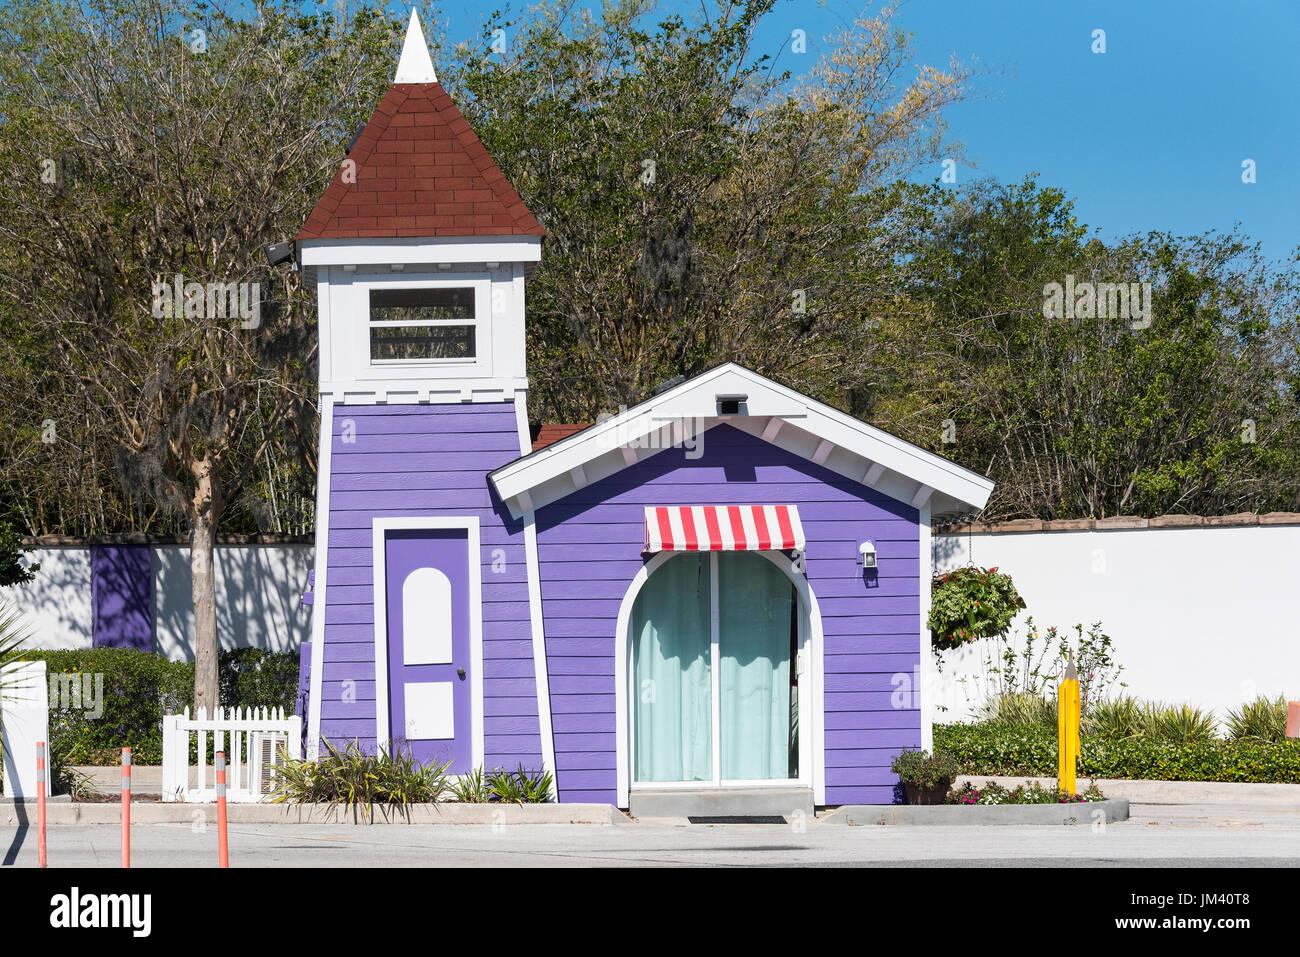 """Eintritt in die """"Kinder der Welt geben"""" Feriendorf in Kissimmee Florida. Stockbild"""